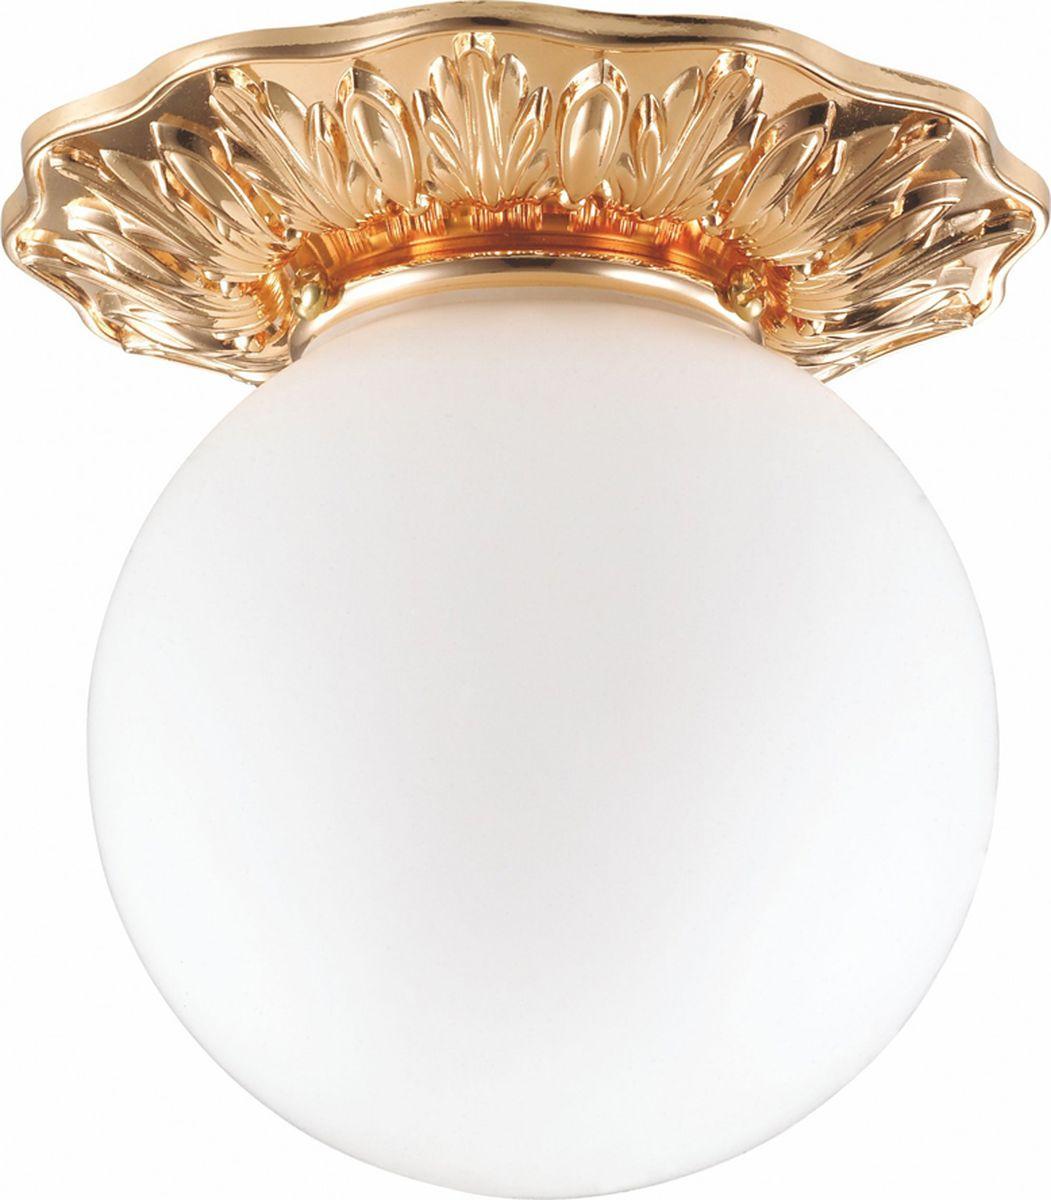 Светильник встраиваемый Novotech Sphere, цвет: белый, G9, 2,2 Вт. 369979369979